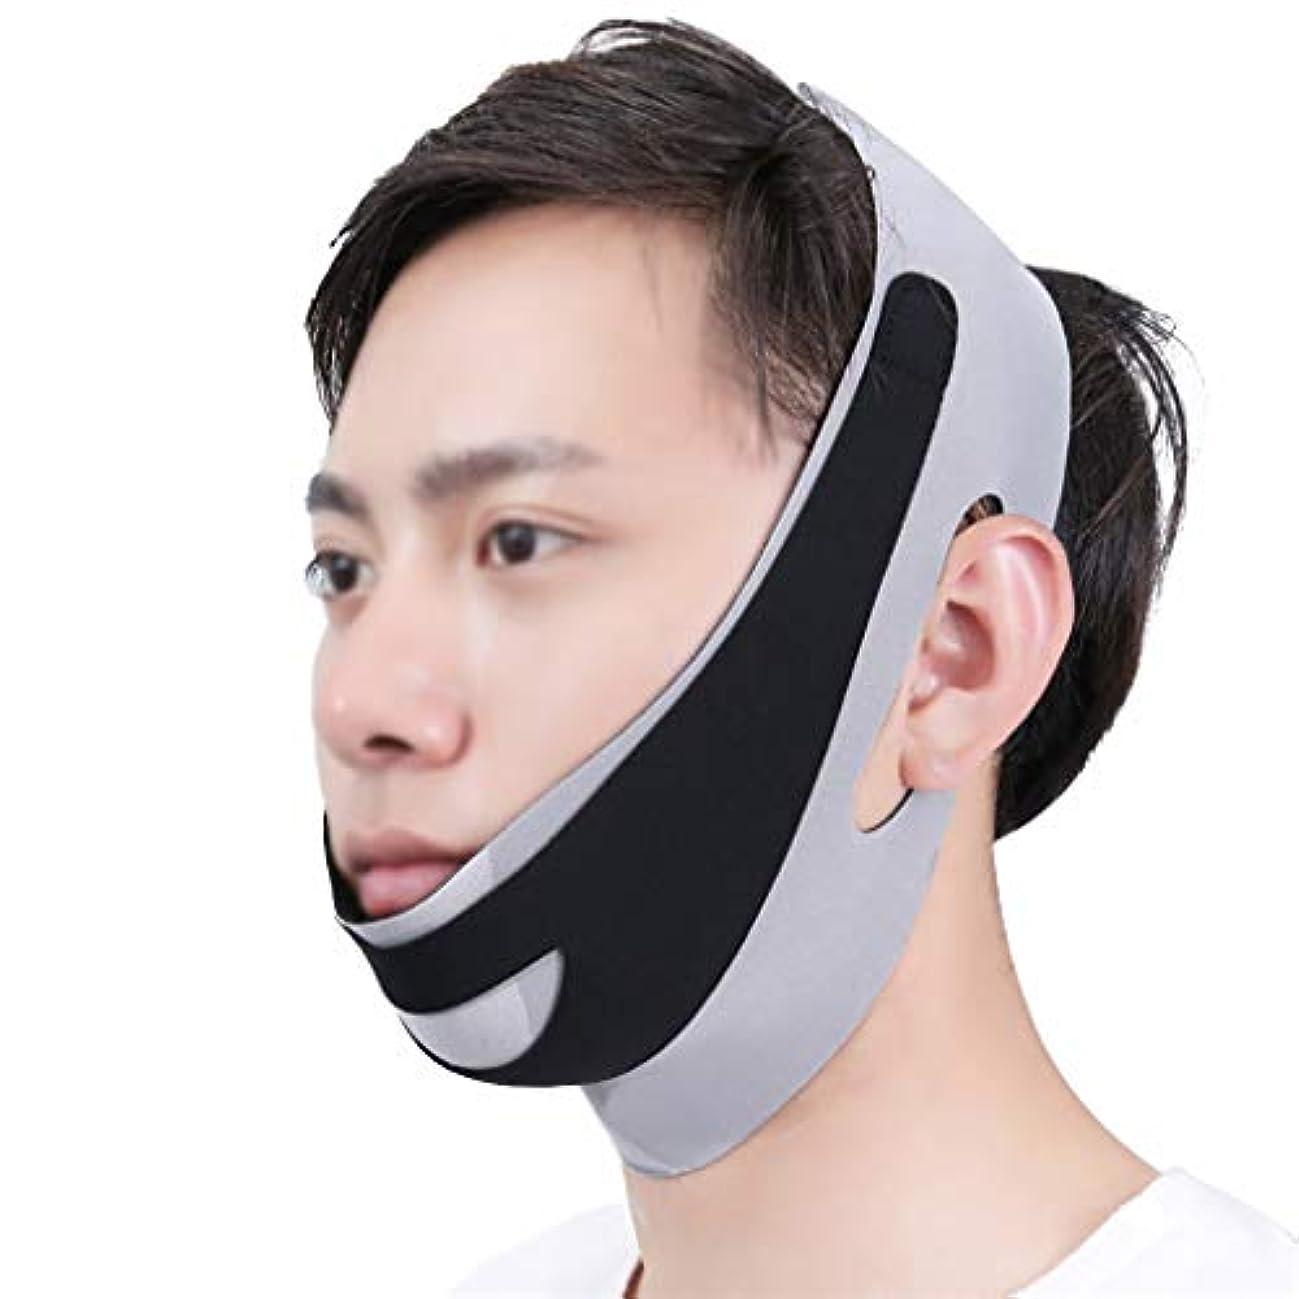 外側マンモスキャップ顔と首リフト術後弾性顔マスク小さなV顔アーティファクト薄い顔包帯アーティファクトV顔吊り耳リフティング引き締め男性の顔アーティファクト